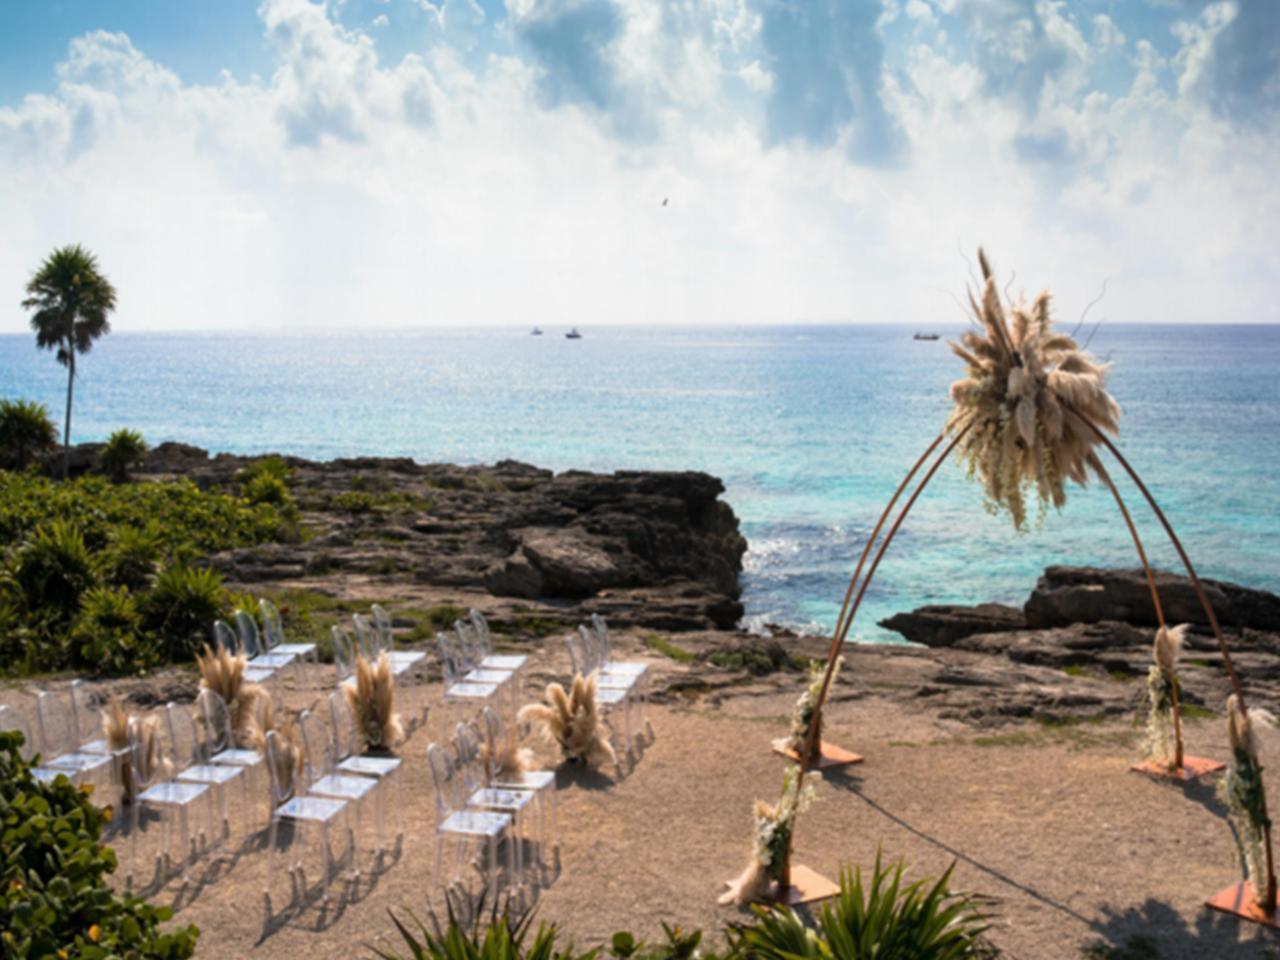 Bodas en la playa paquetes - Mesas y sillas